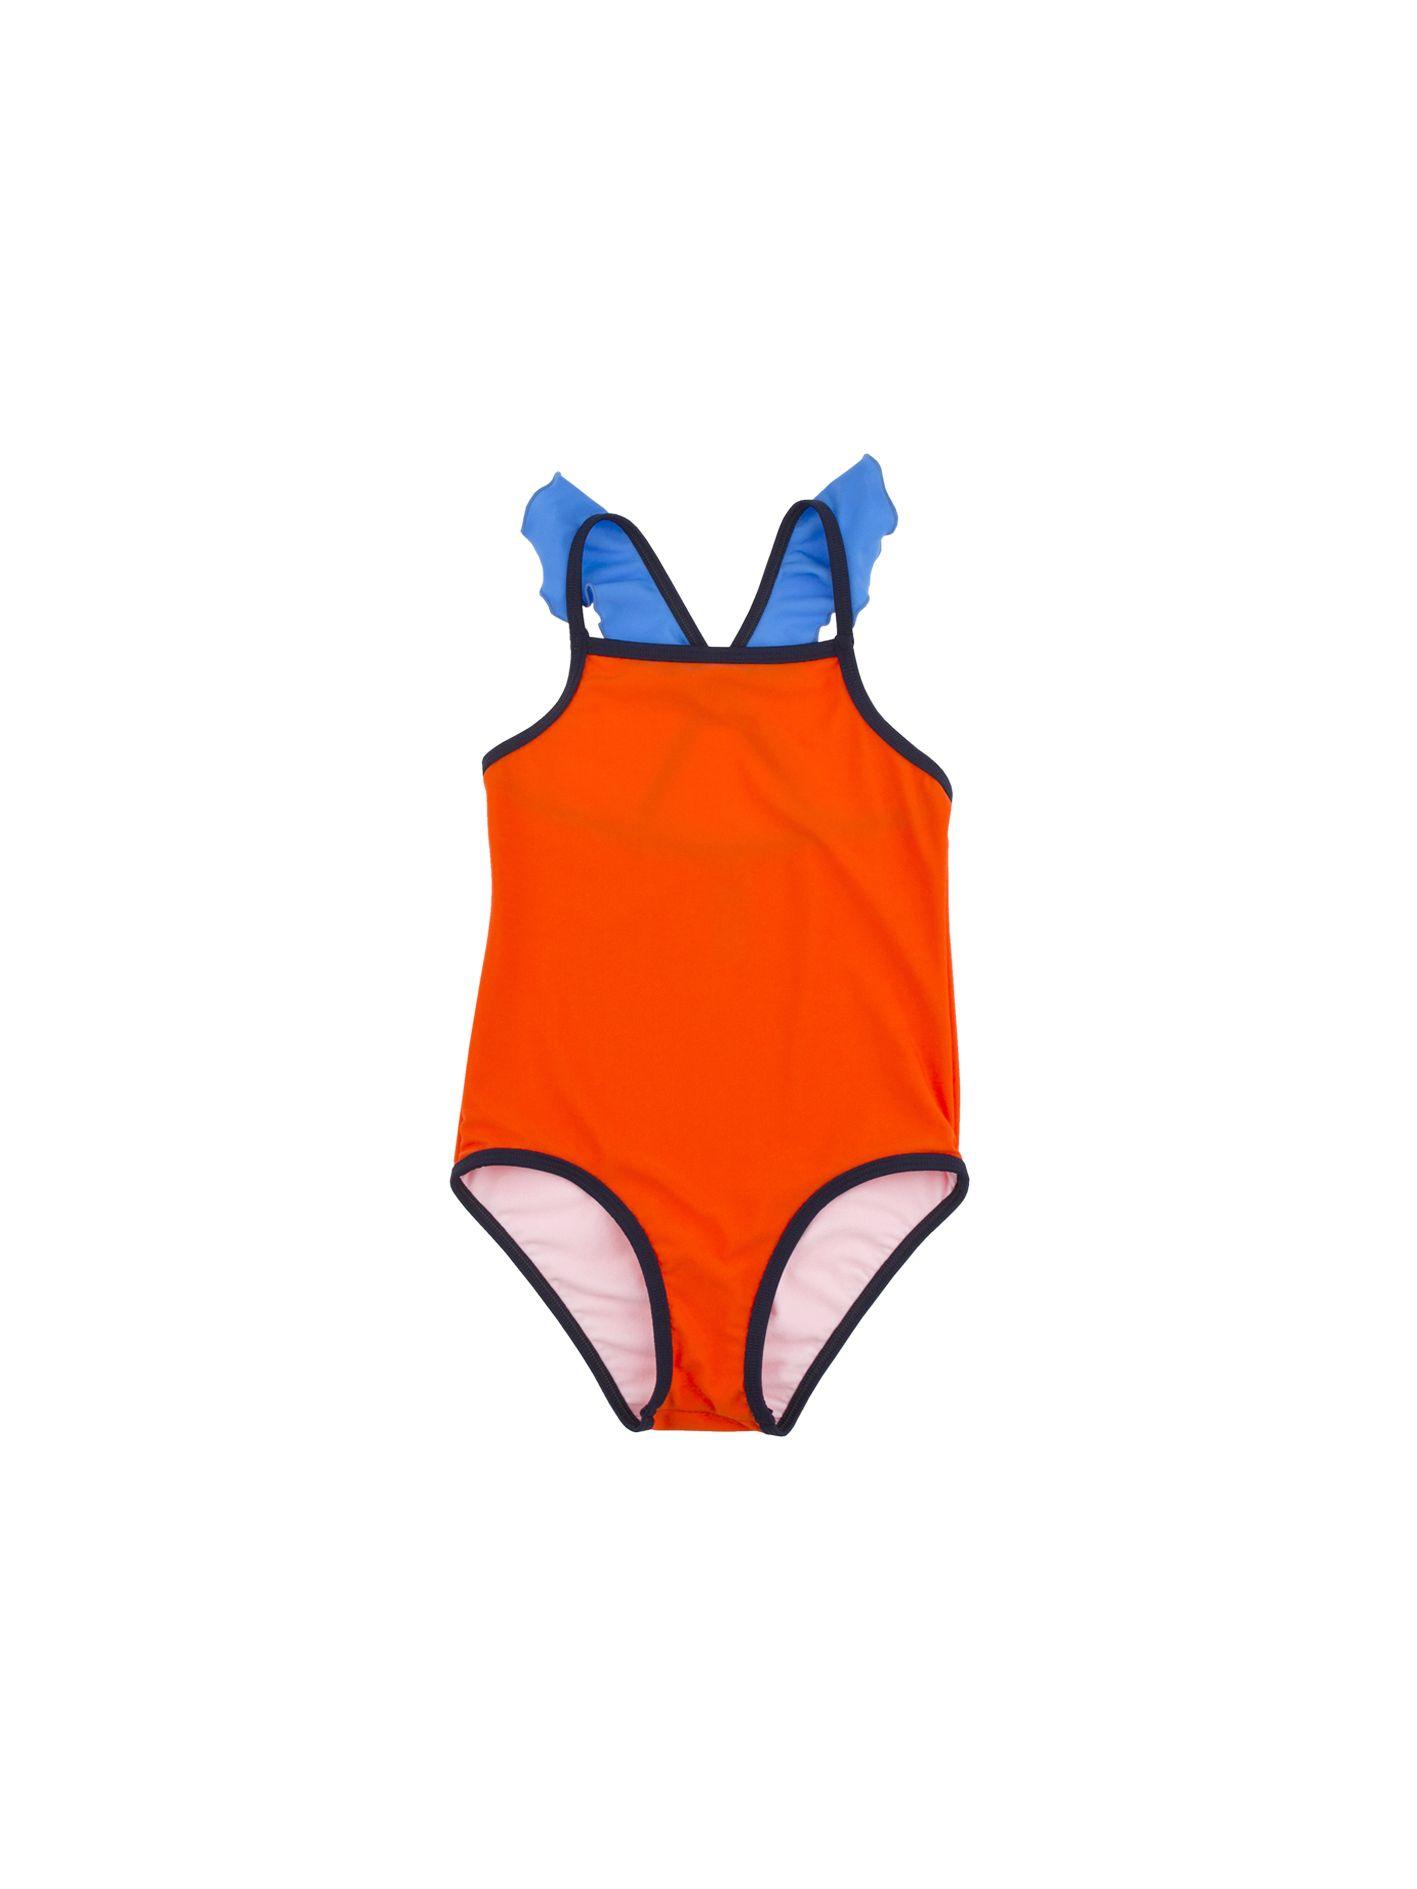 Niños Carmín Bañadores Bañador TinycottonsA Dress Little De 34LjAR5